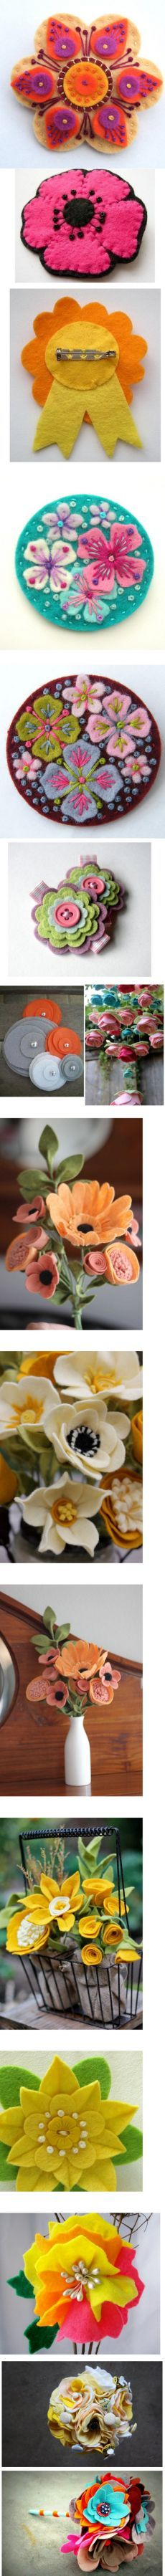 39 mejores imágenes de FLORES DE PAPEL | Manualidades, Flor de paper,  Bricolaje y manualidades